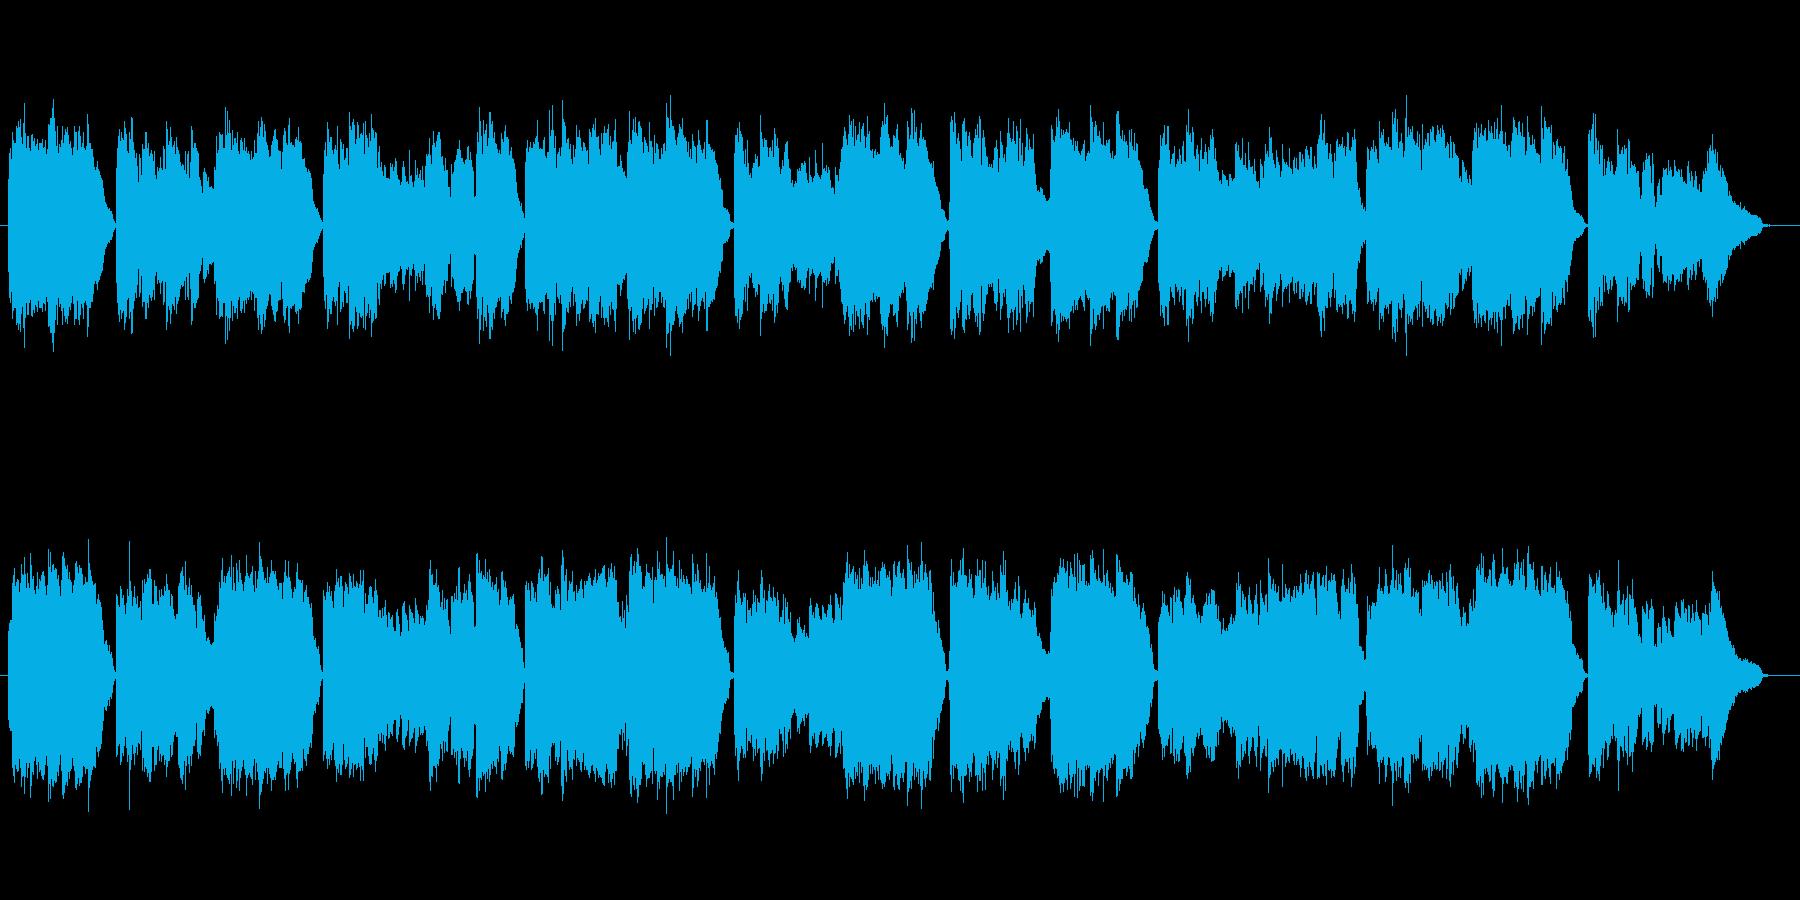 唱歌「荒城の月」厳かな篠笛生演奏の再生済みの波形